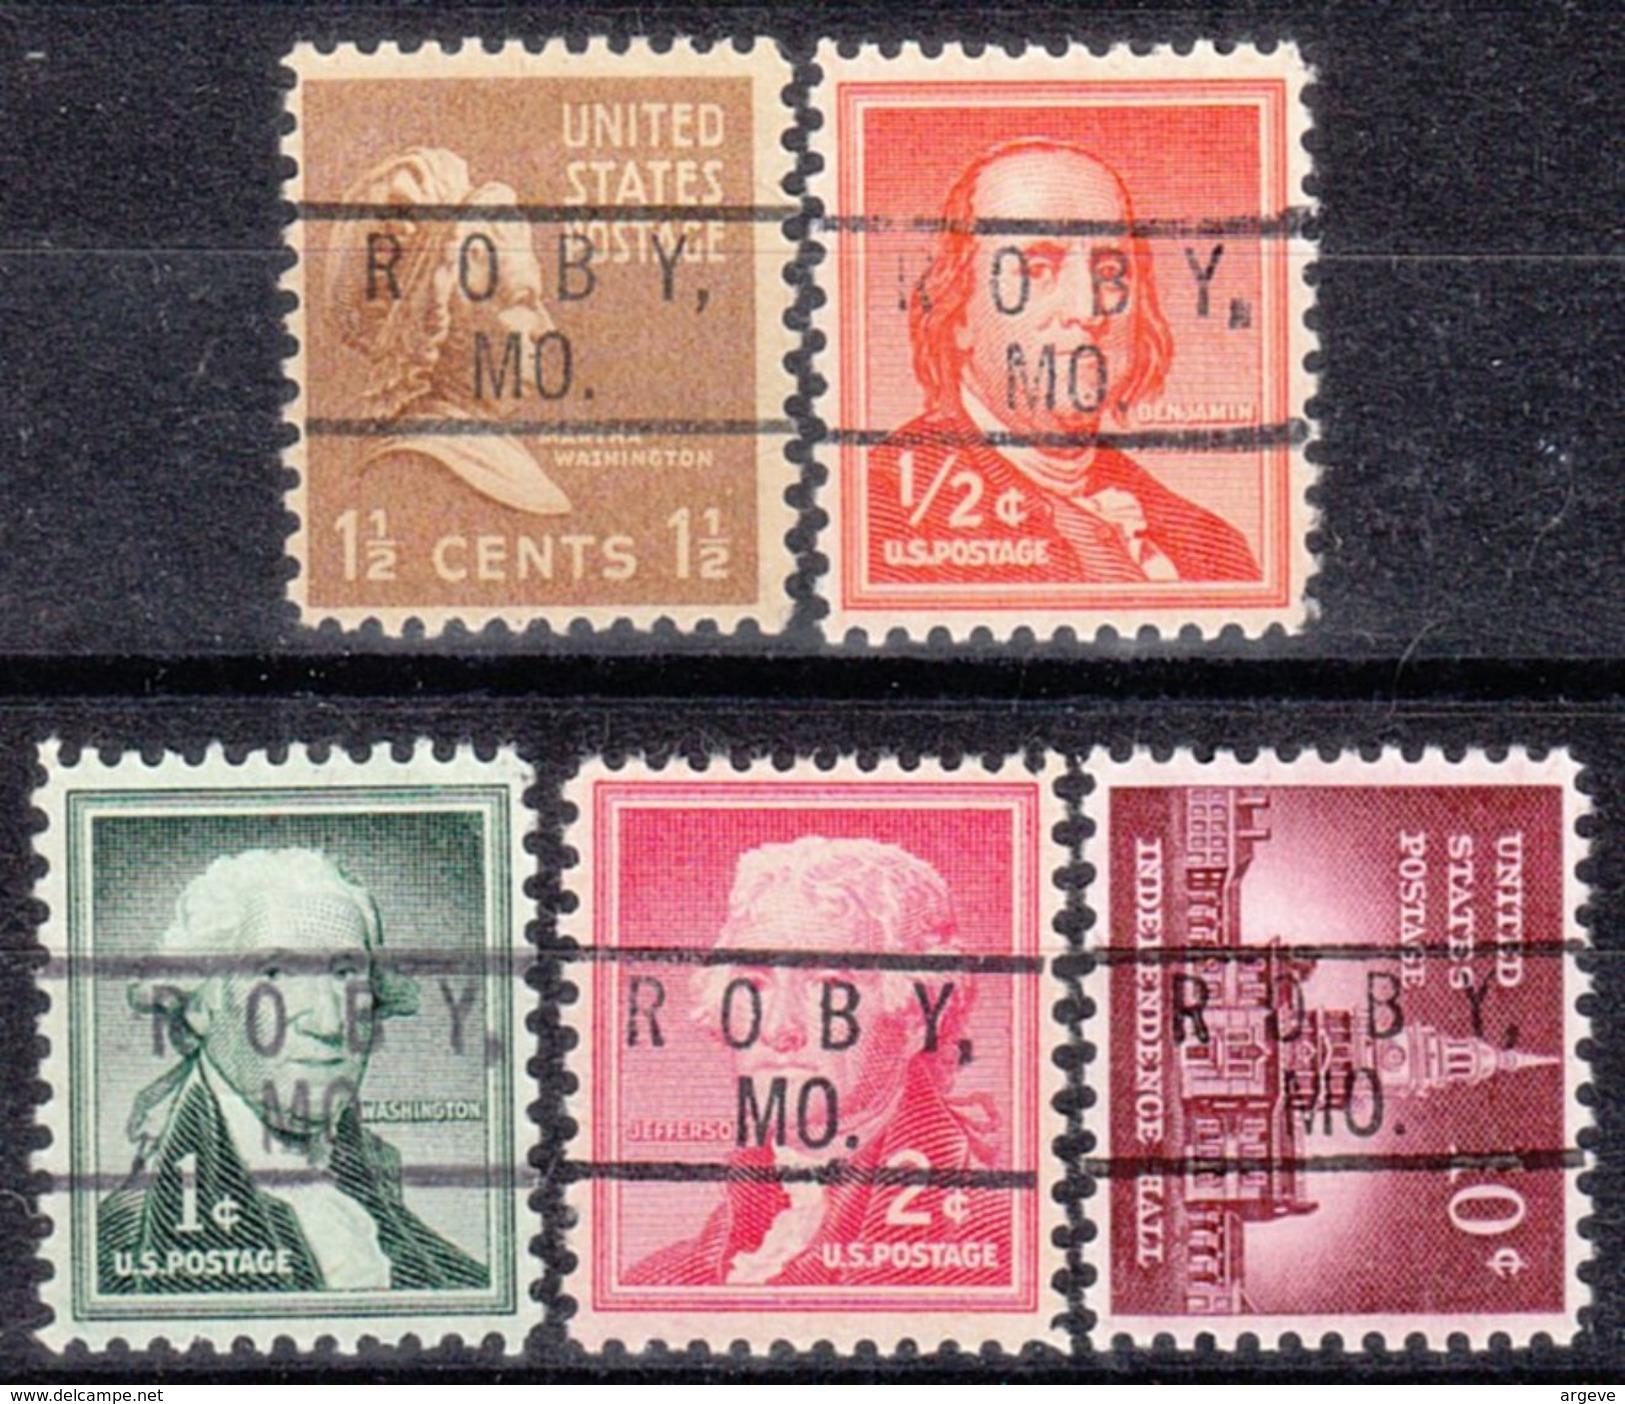 USA Precancel Vorausentwertung Preo, Locals Missouri, Roby 801, 5 Diff. - Vereinigte Staaten